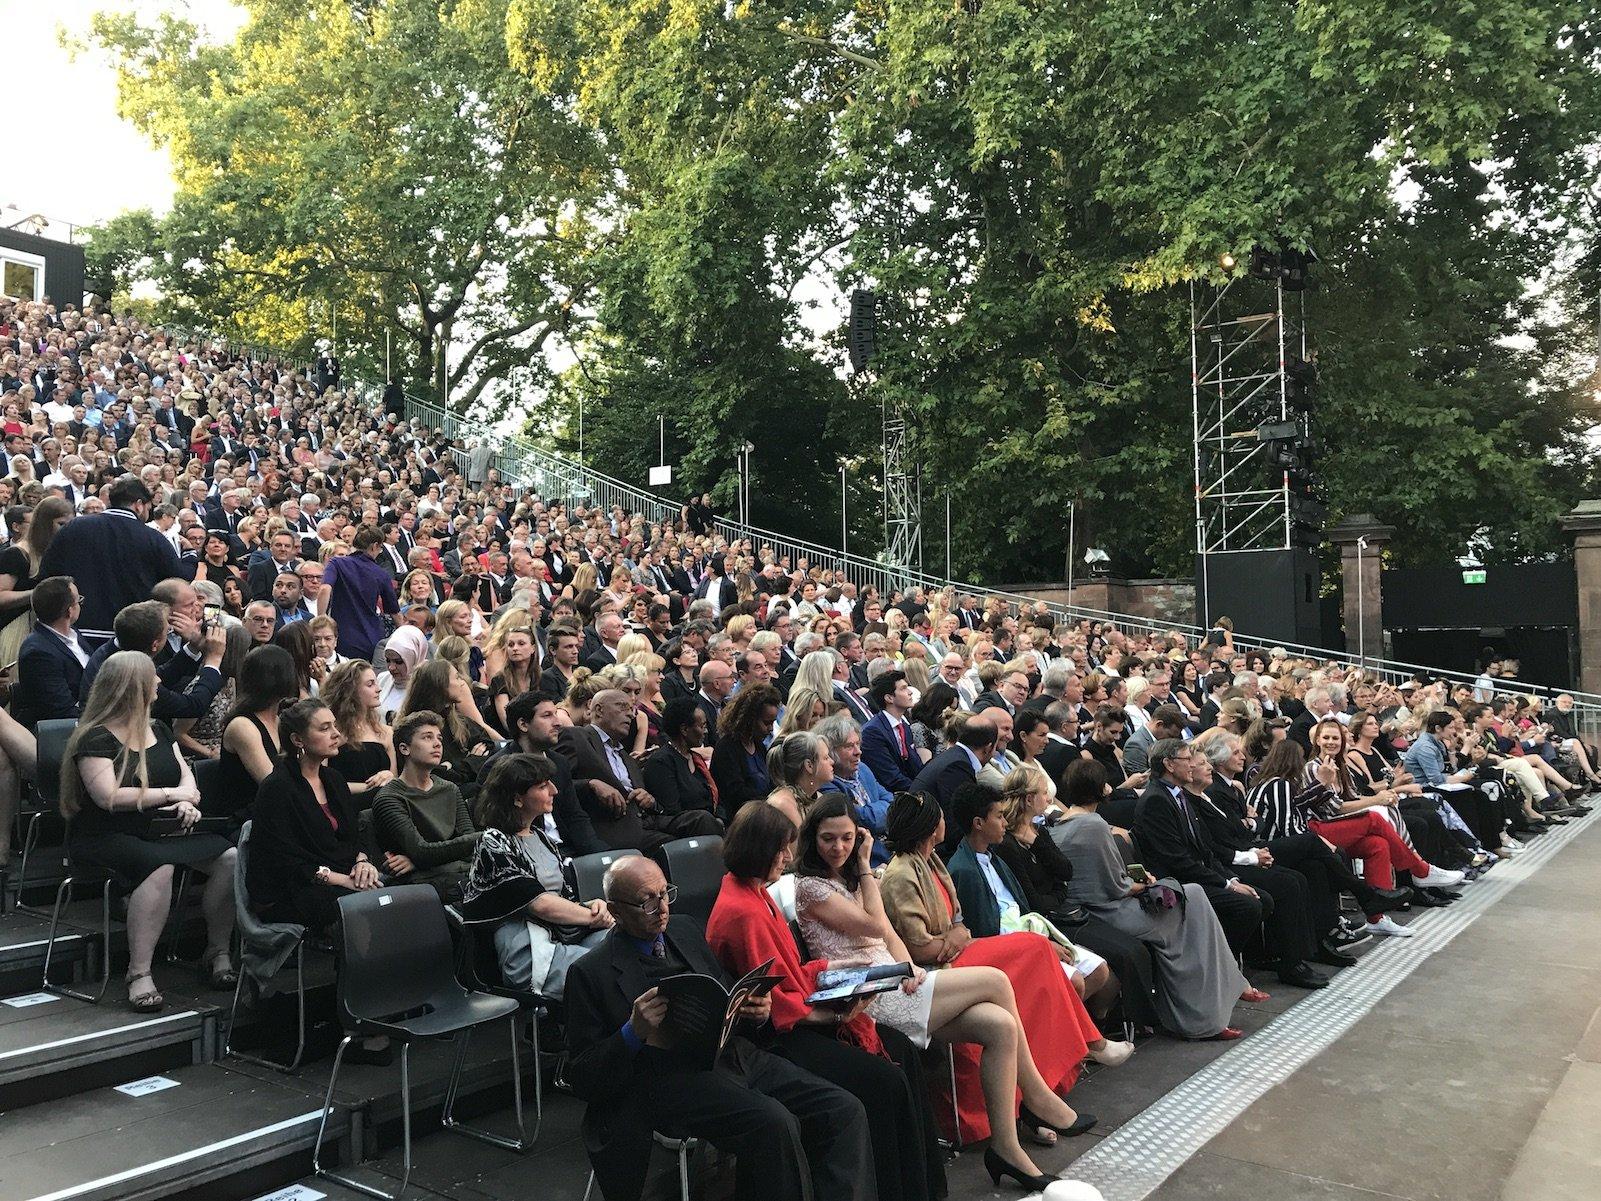 Das Premierenpublikum der Nibelungenfestspiele Worms 2017